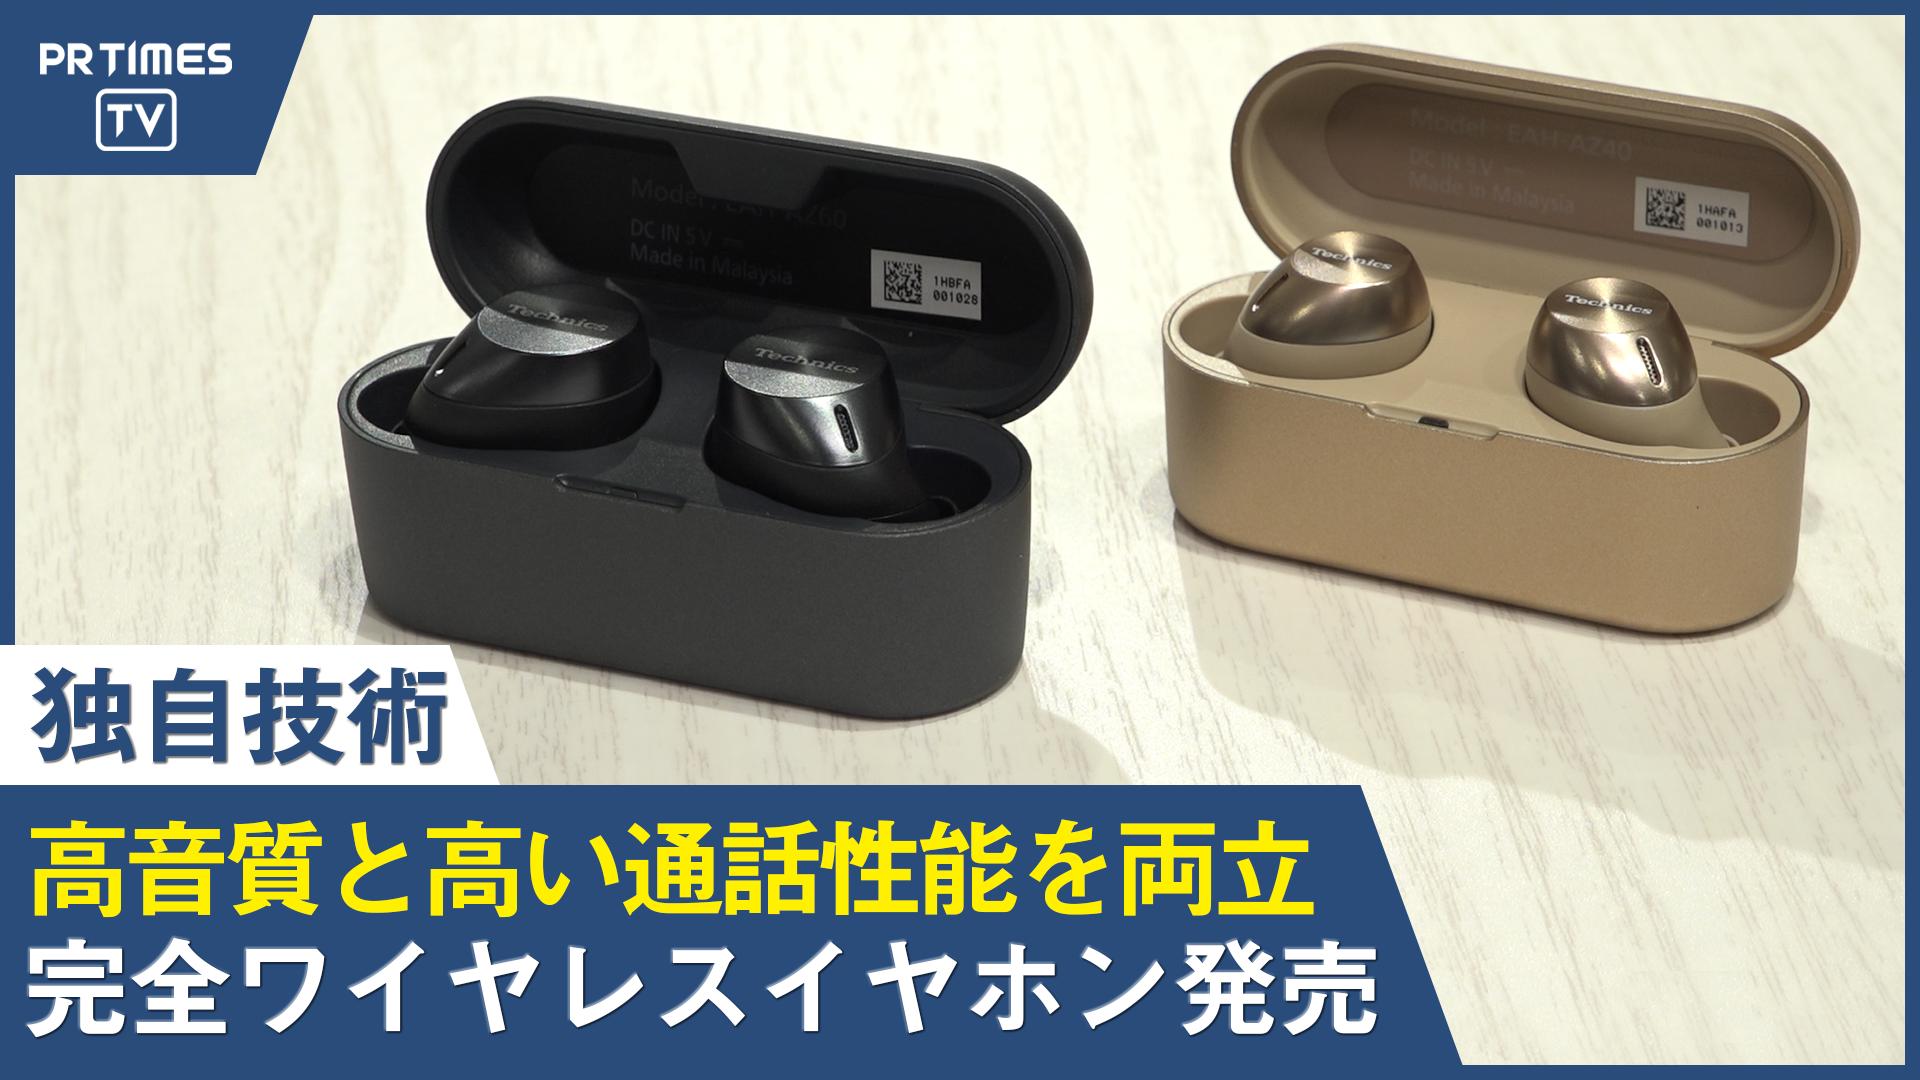 パナソニックがテクニクスブランドから「高音質」と「高い通話音質」を両立した完全ワイヤレスイヤホン 2モデルを新発売!